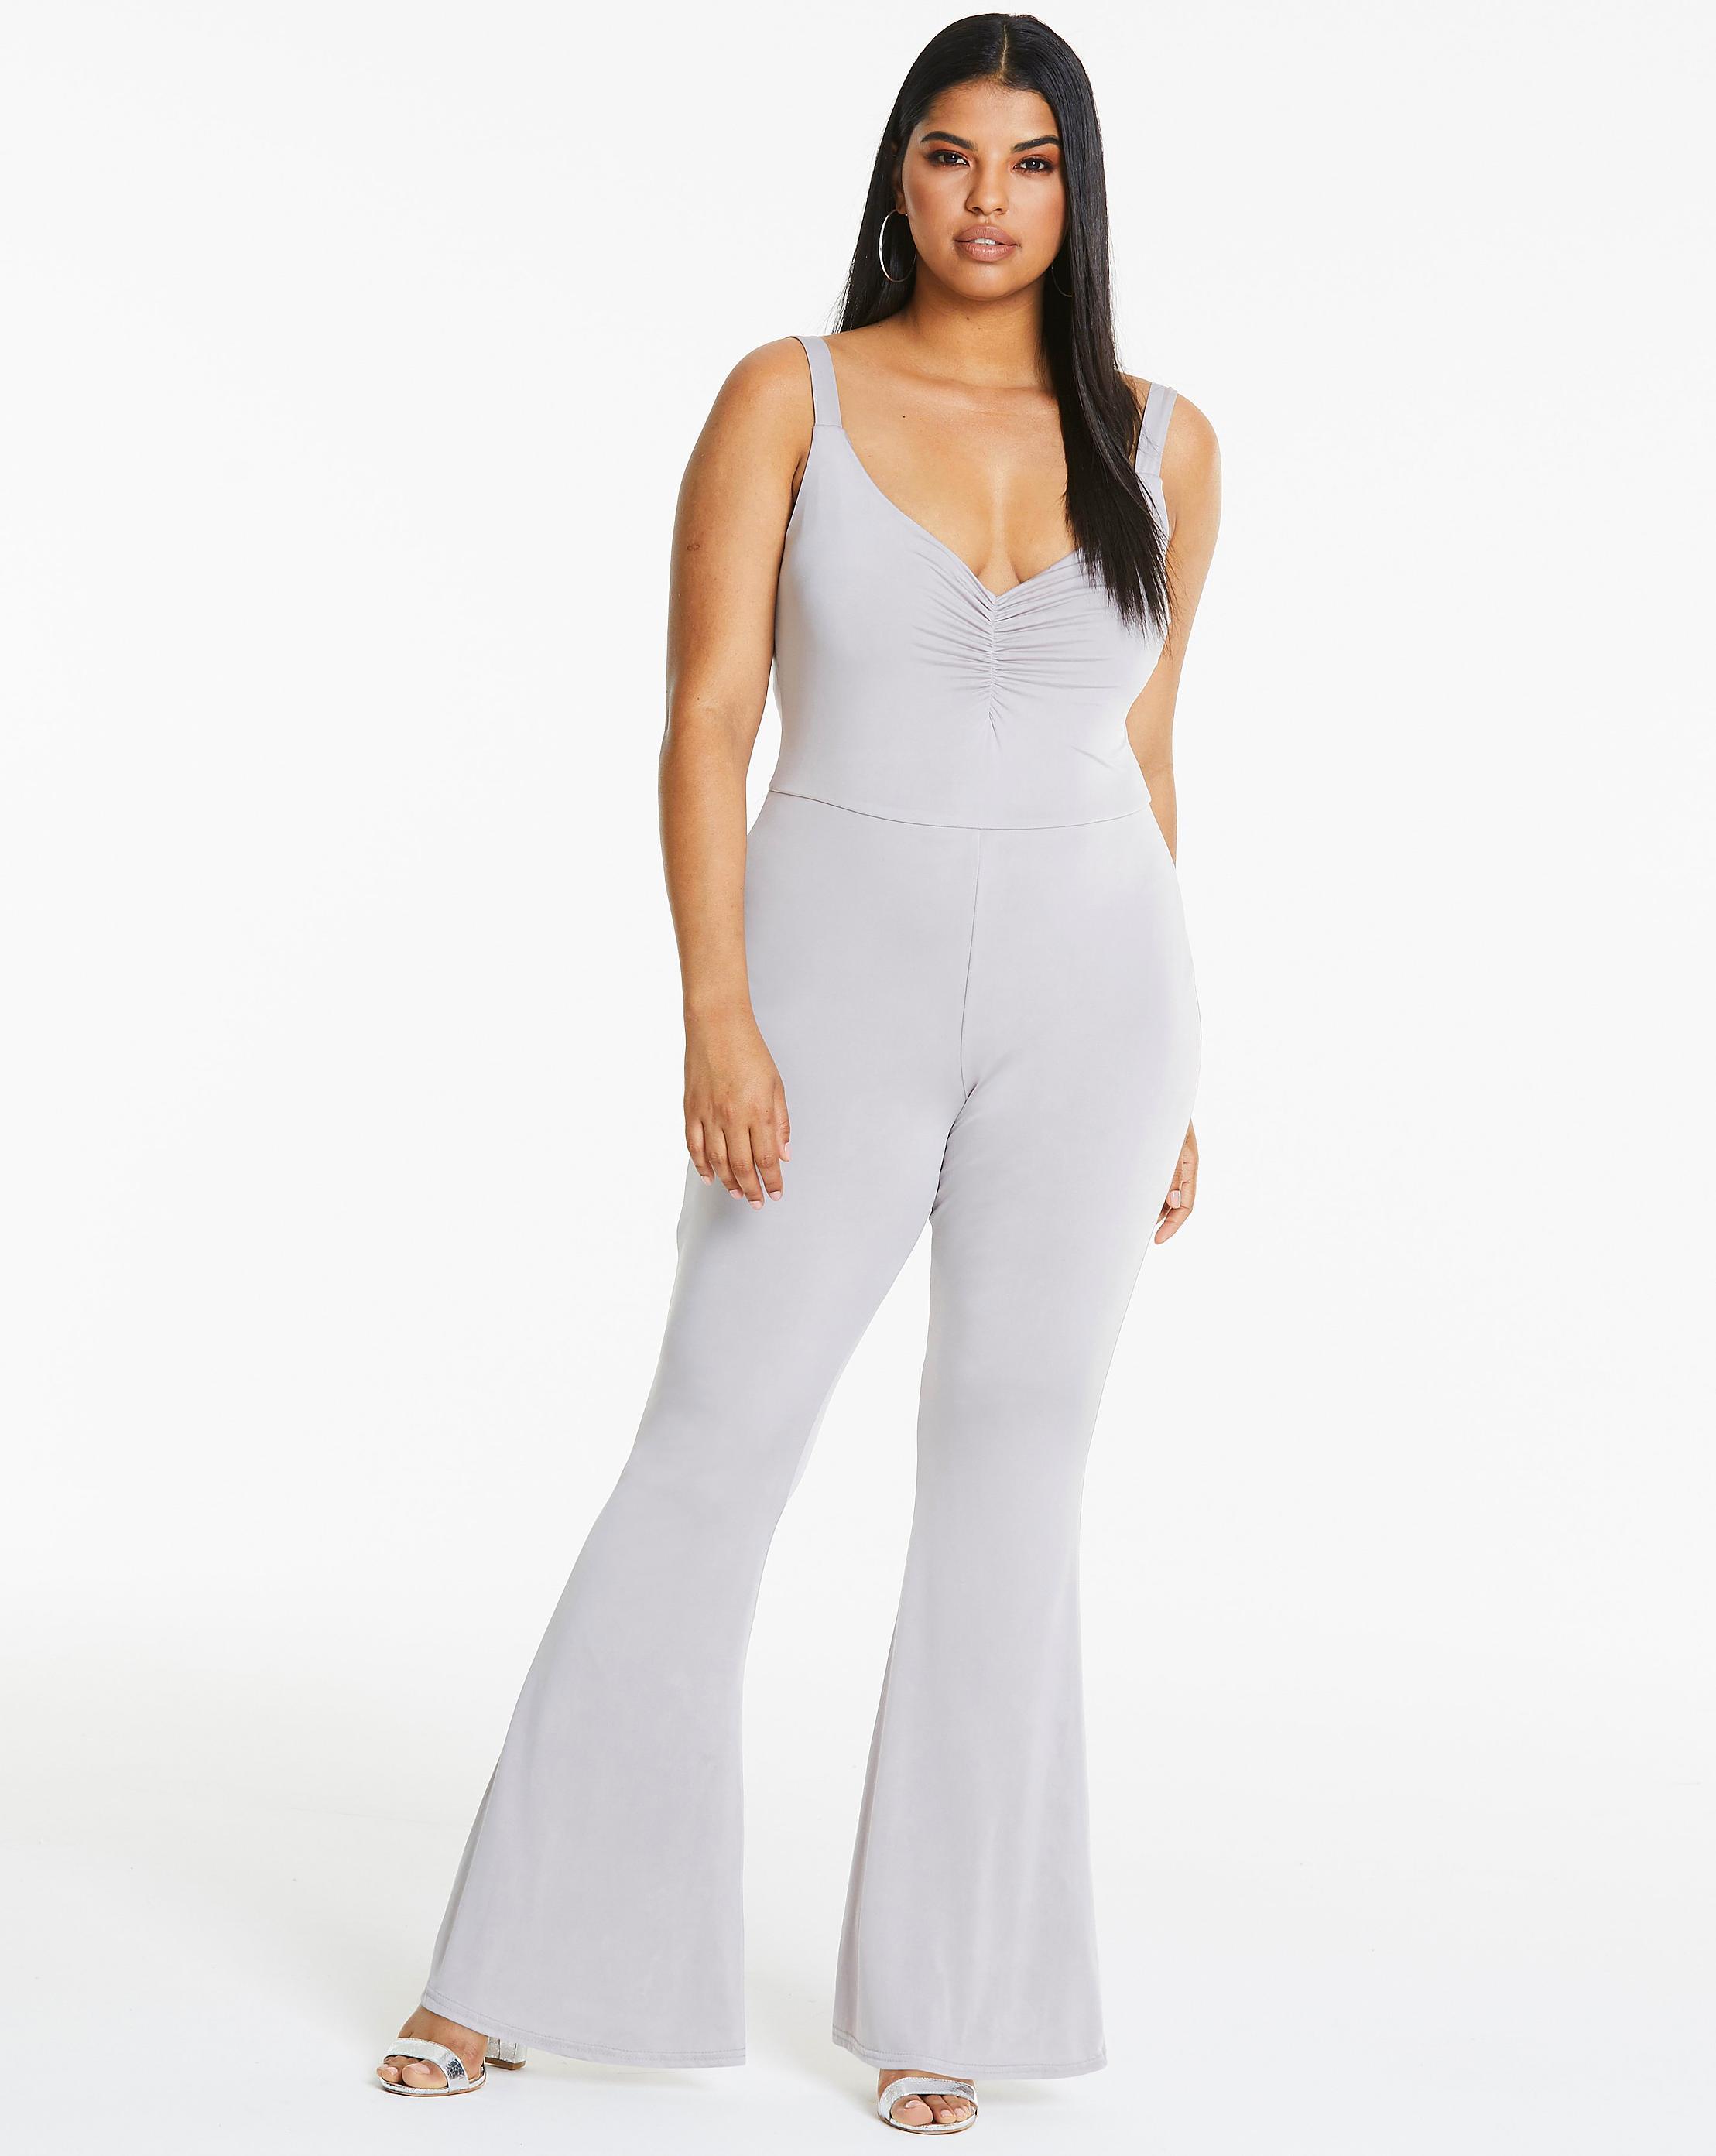 c237552e1ea8 Lyst simply be slinky jumpsuit in metallic jpg 2217x2786 Slinky jumpsuit